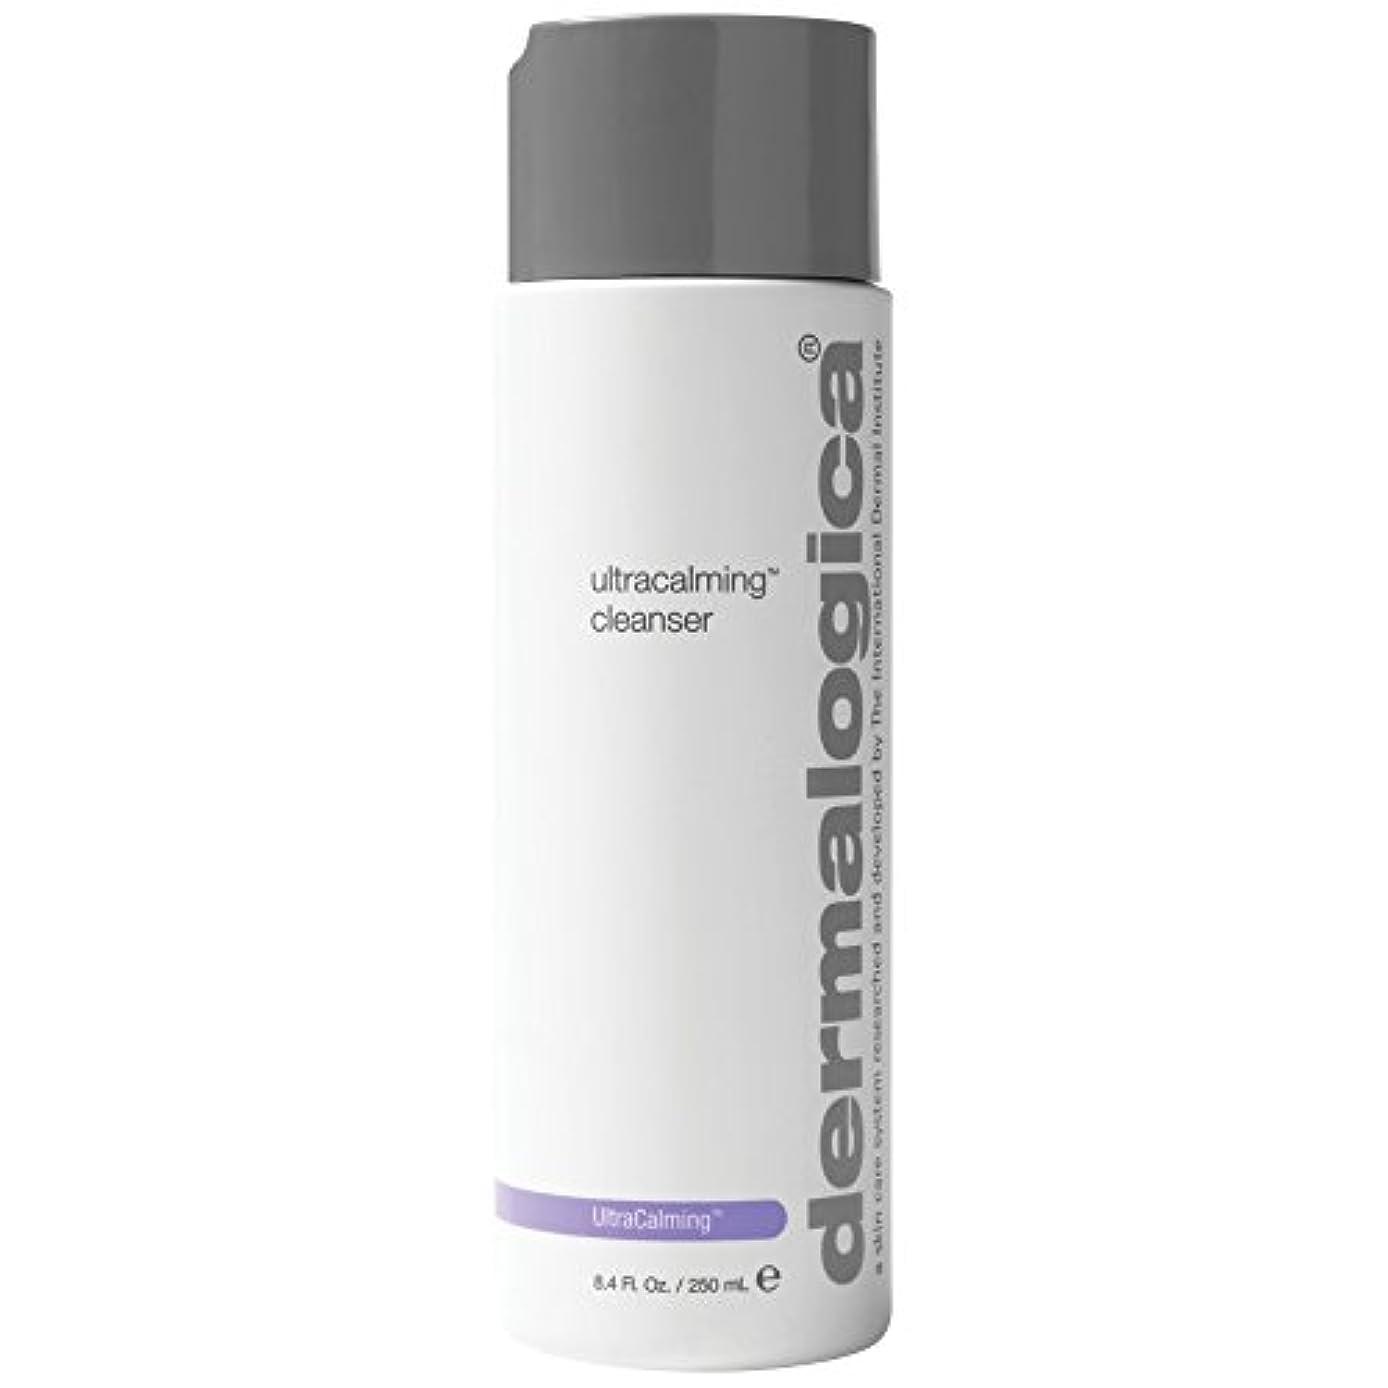 移動する学部ダーマロジカUltracalming?クレンザーの250ミリリットル (Dermalogica) (x6) - Dermalogica UltraCalming? Cleanser 250ml (Pack of 6) [...